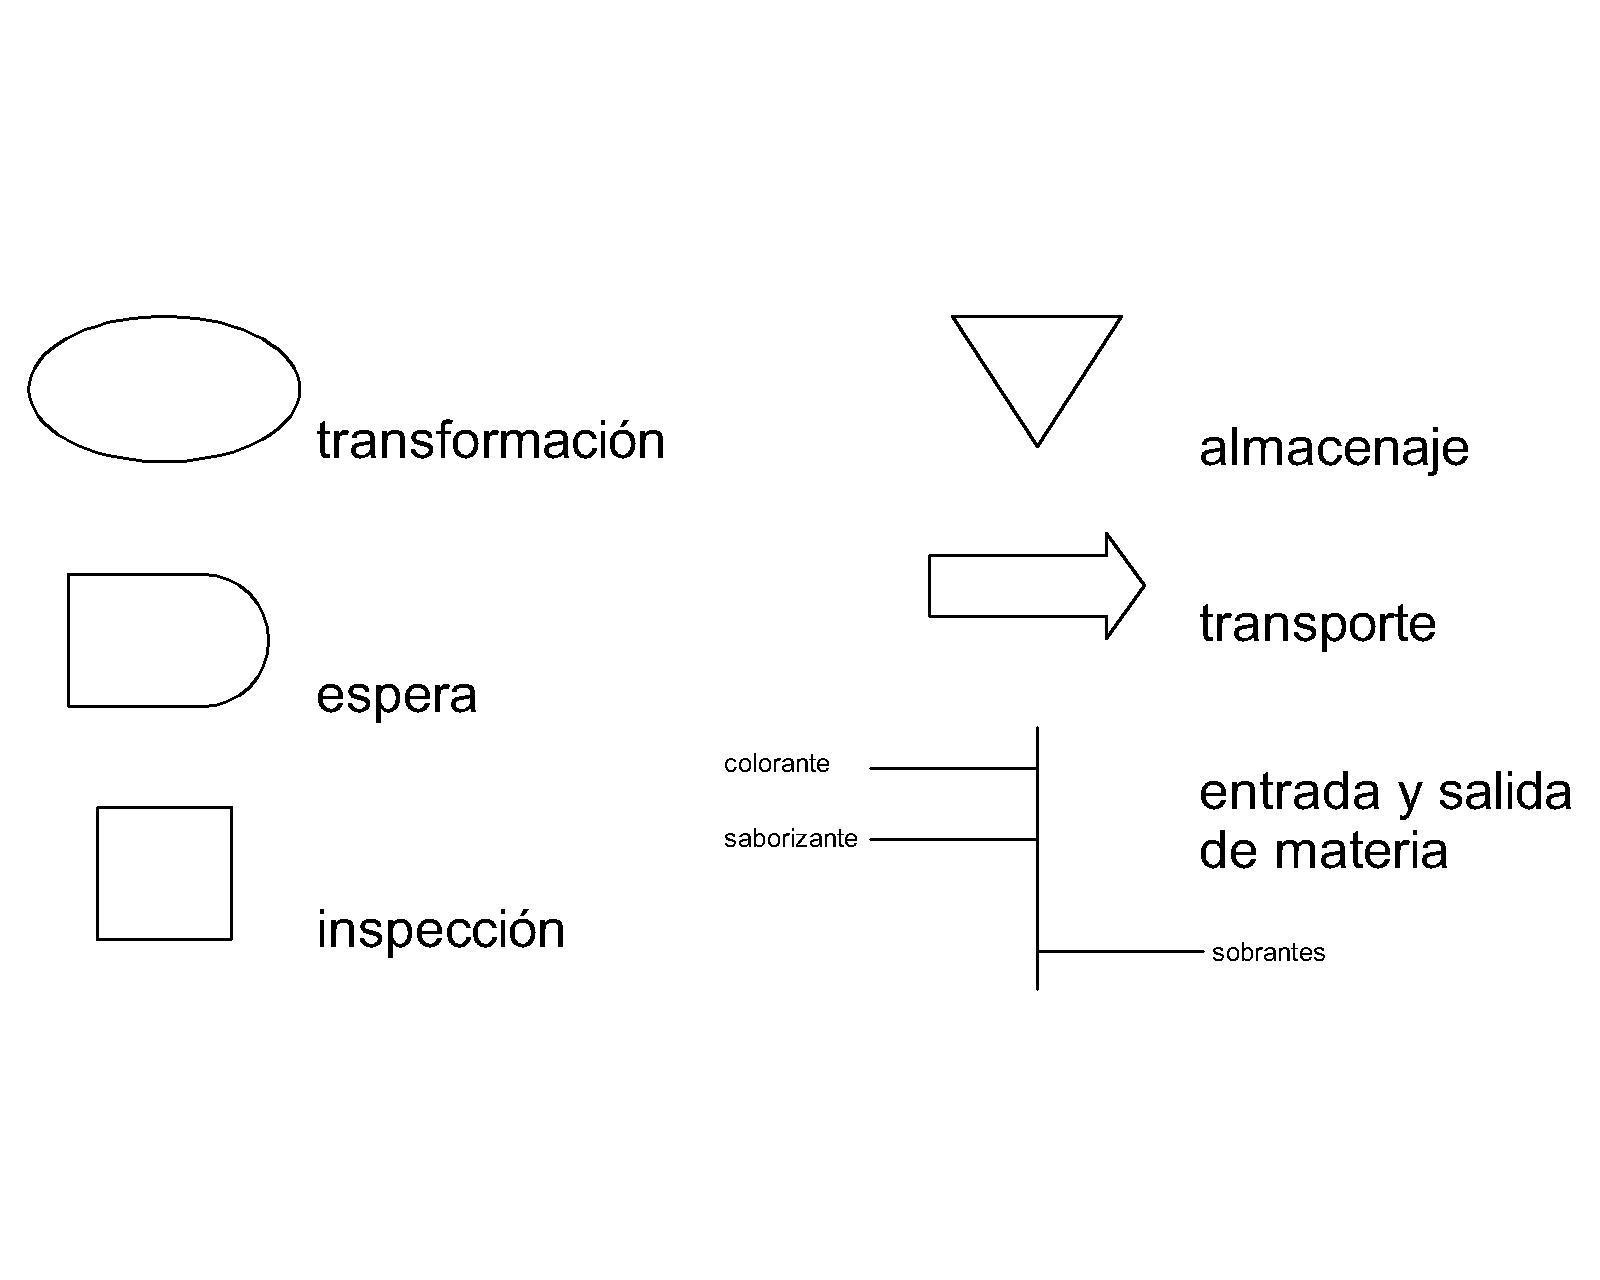 Nosotros estamos interesados en representar los procesos de producción industrial. Contamos para ello de una serie de símbolos que representan diferentes ...